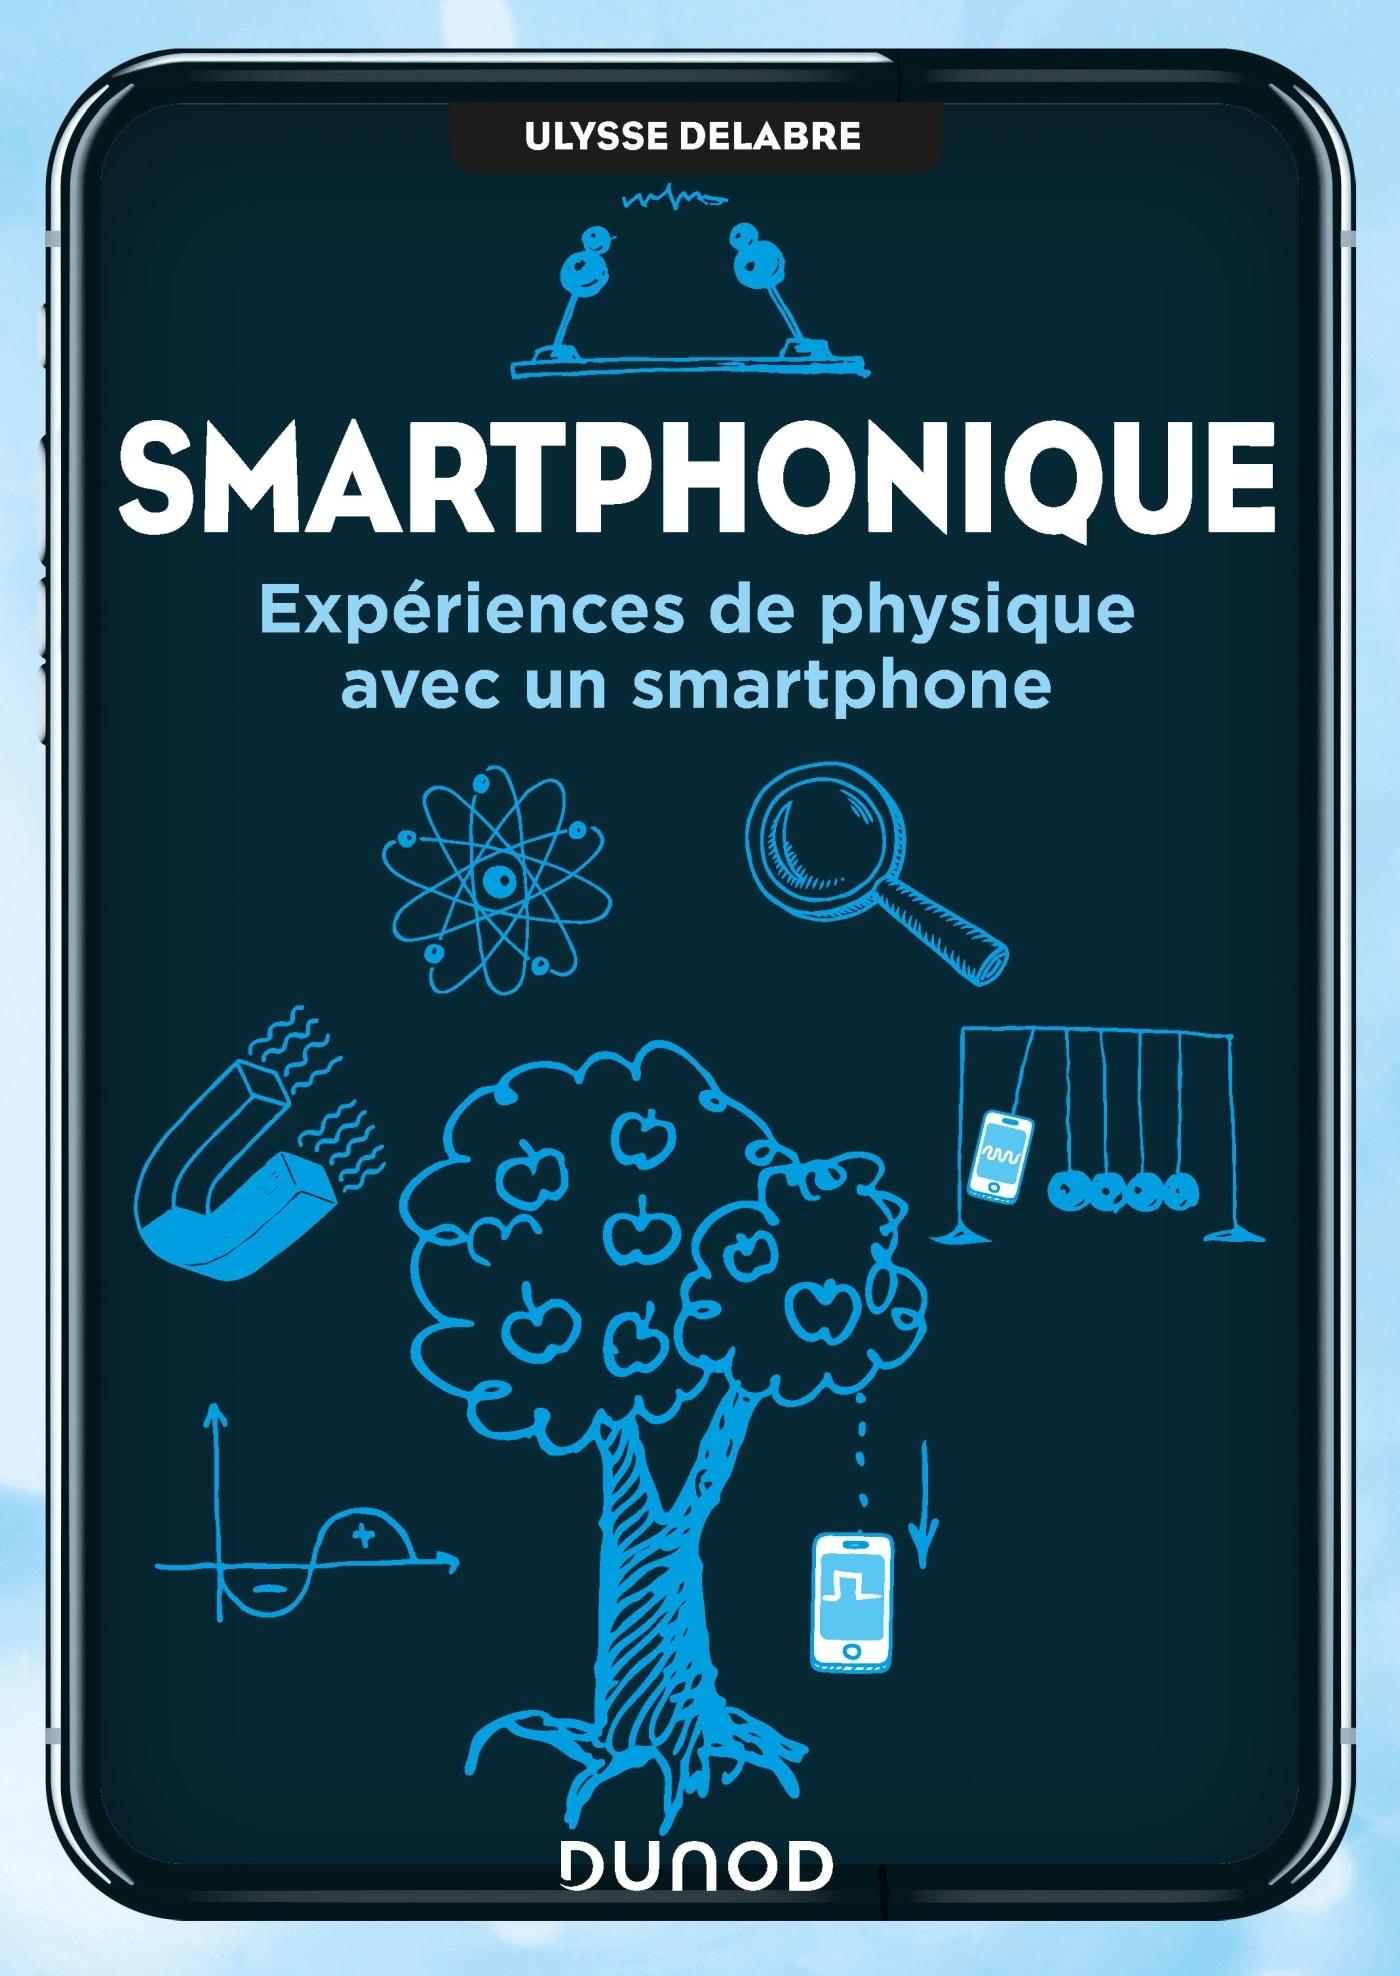 SMARTPHONIQUE - EXPERIENCES DE PHYSIQUE AVEC UN SMARTPHONE